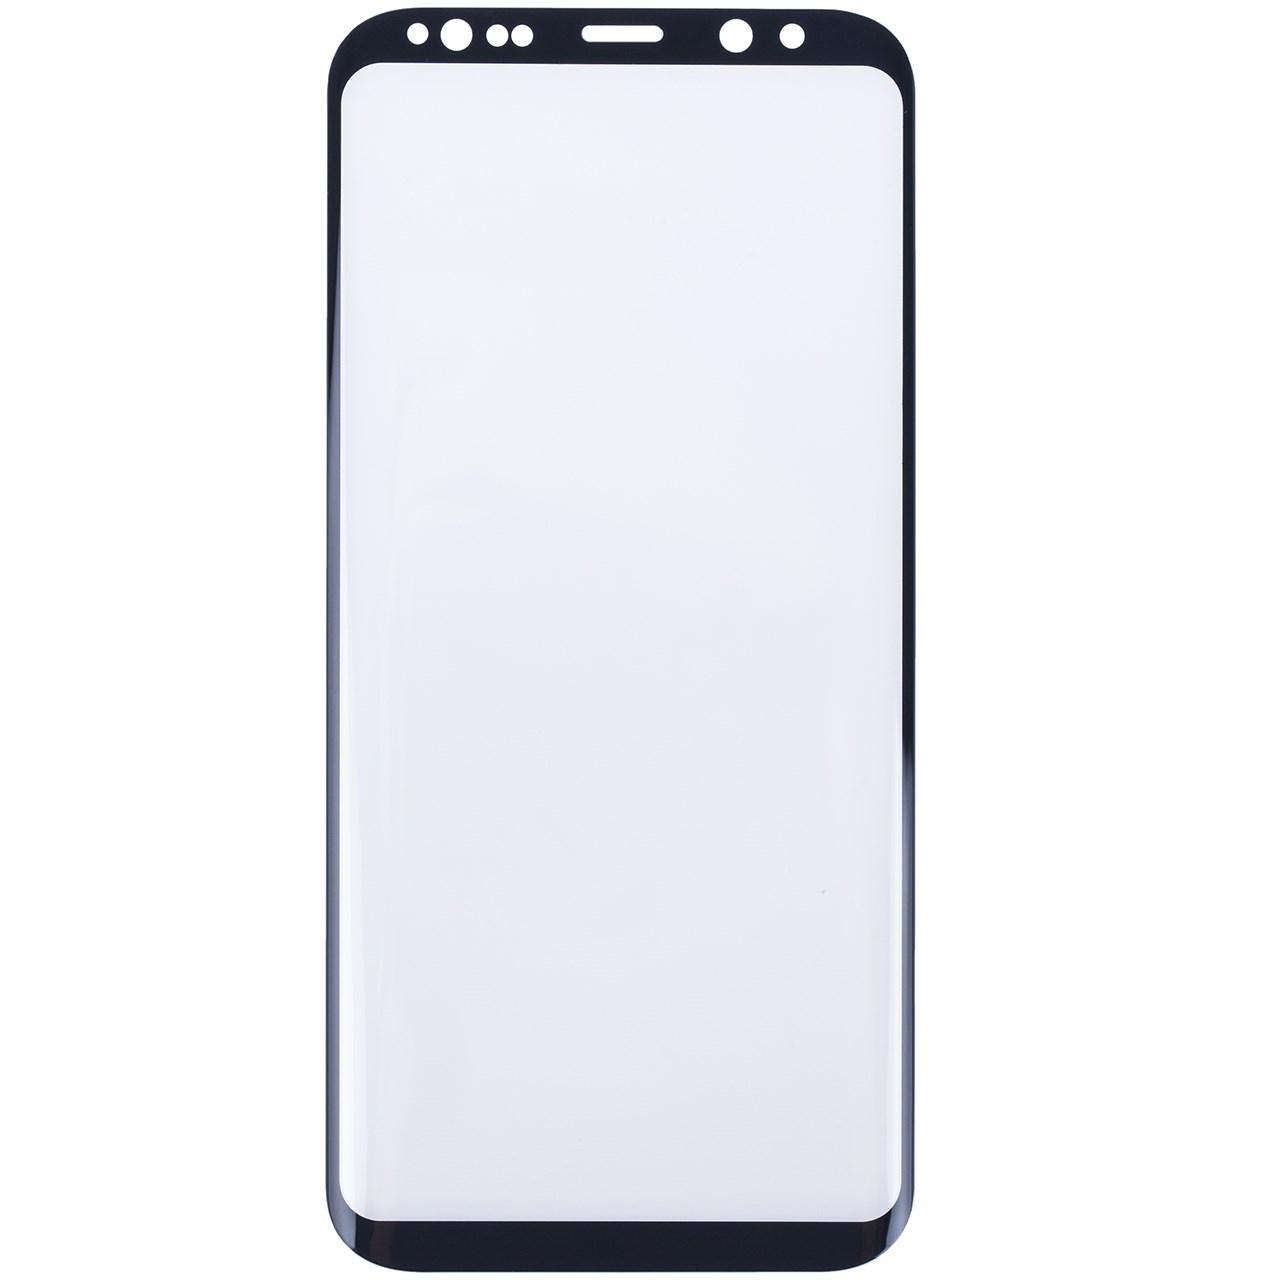 محافظ صفحه نمایش آکی مدل SP-G28 مناسب برای گوشی موبایل سامسونگ Galaxy S8 Plus